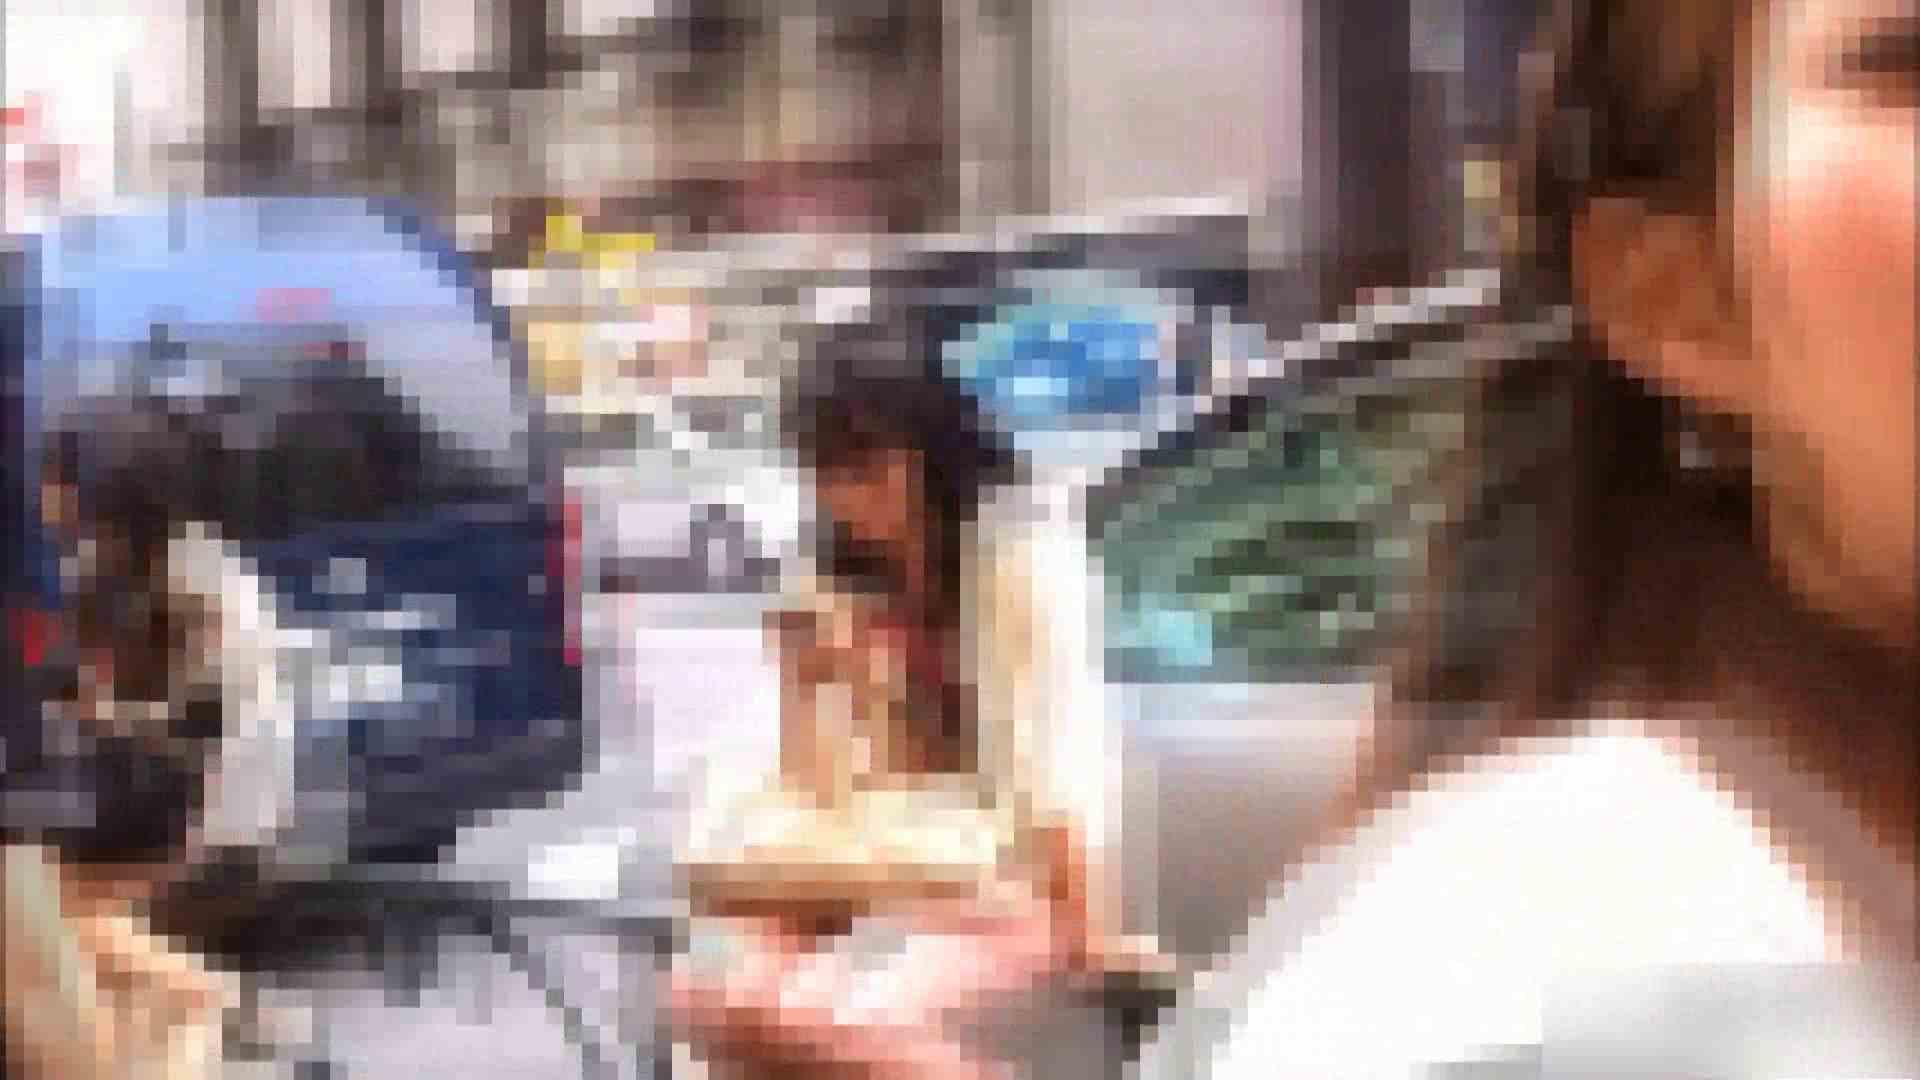 ガールズパンチラストリートビューVol.001 OLエロ画像 盗撮おまんこ無修正動画無料 97PICs 10